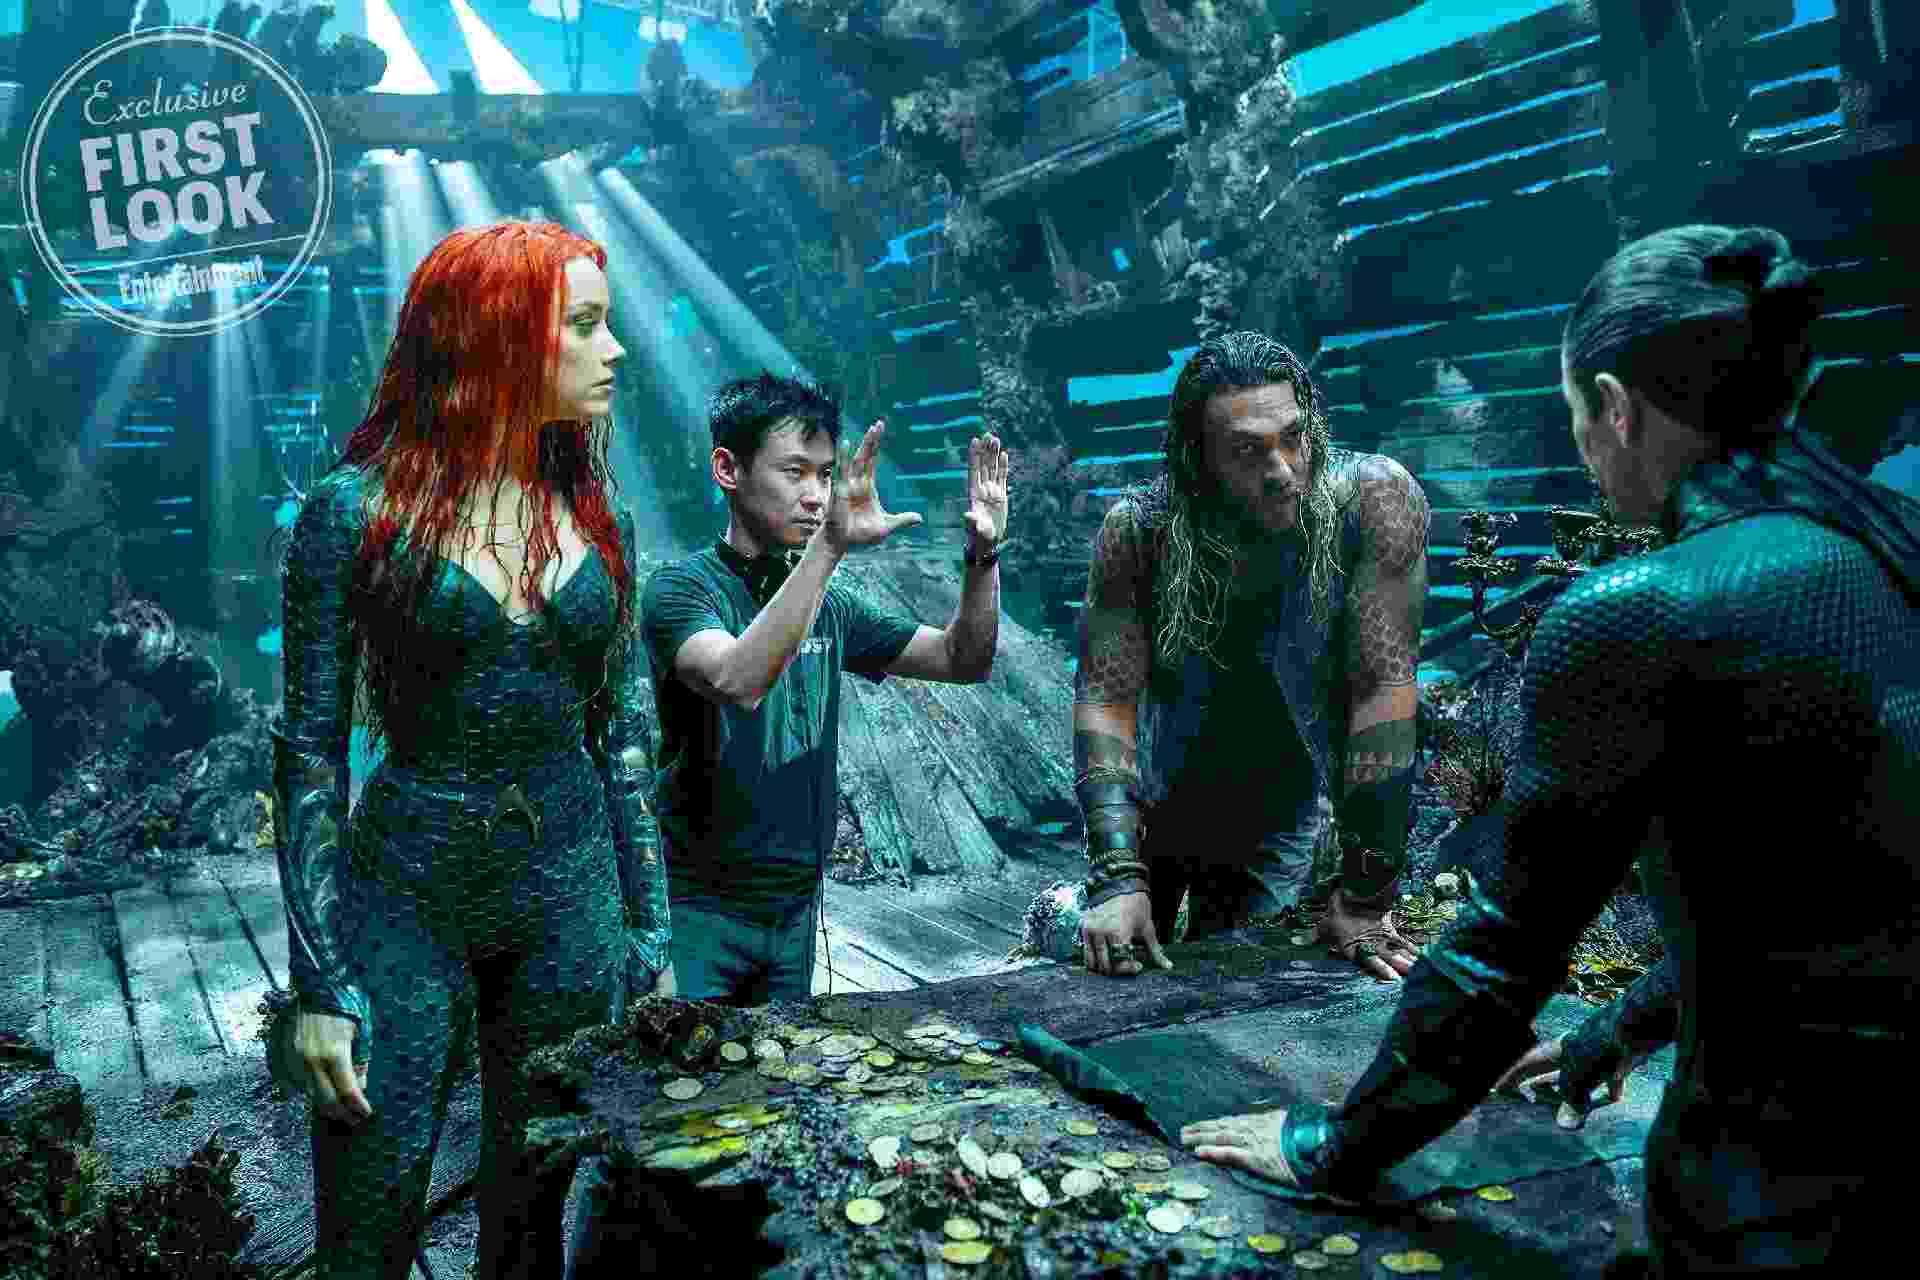 Bastidores do filme Aquaman - Reprodução/EW